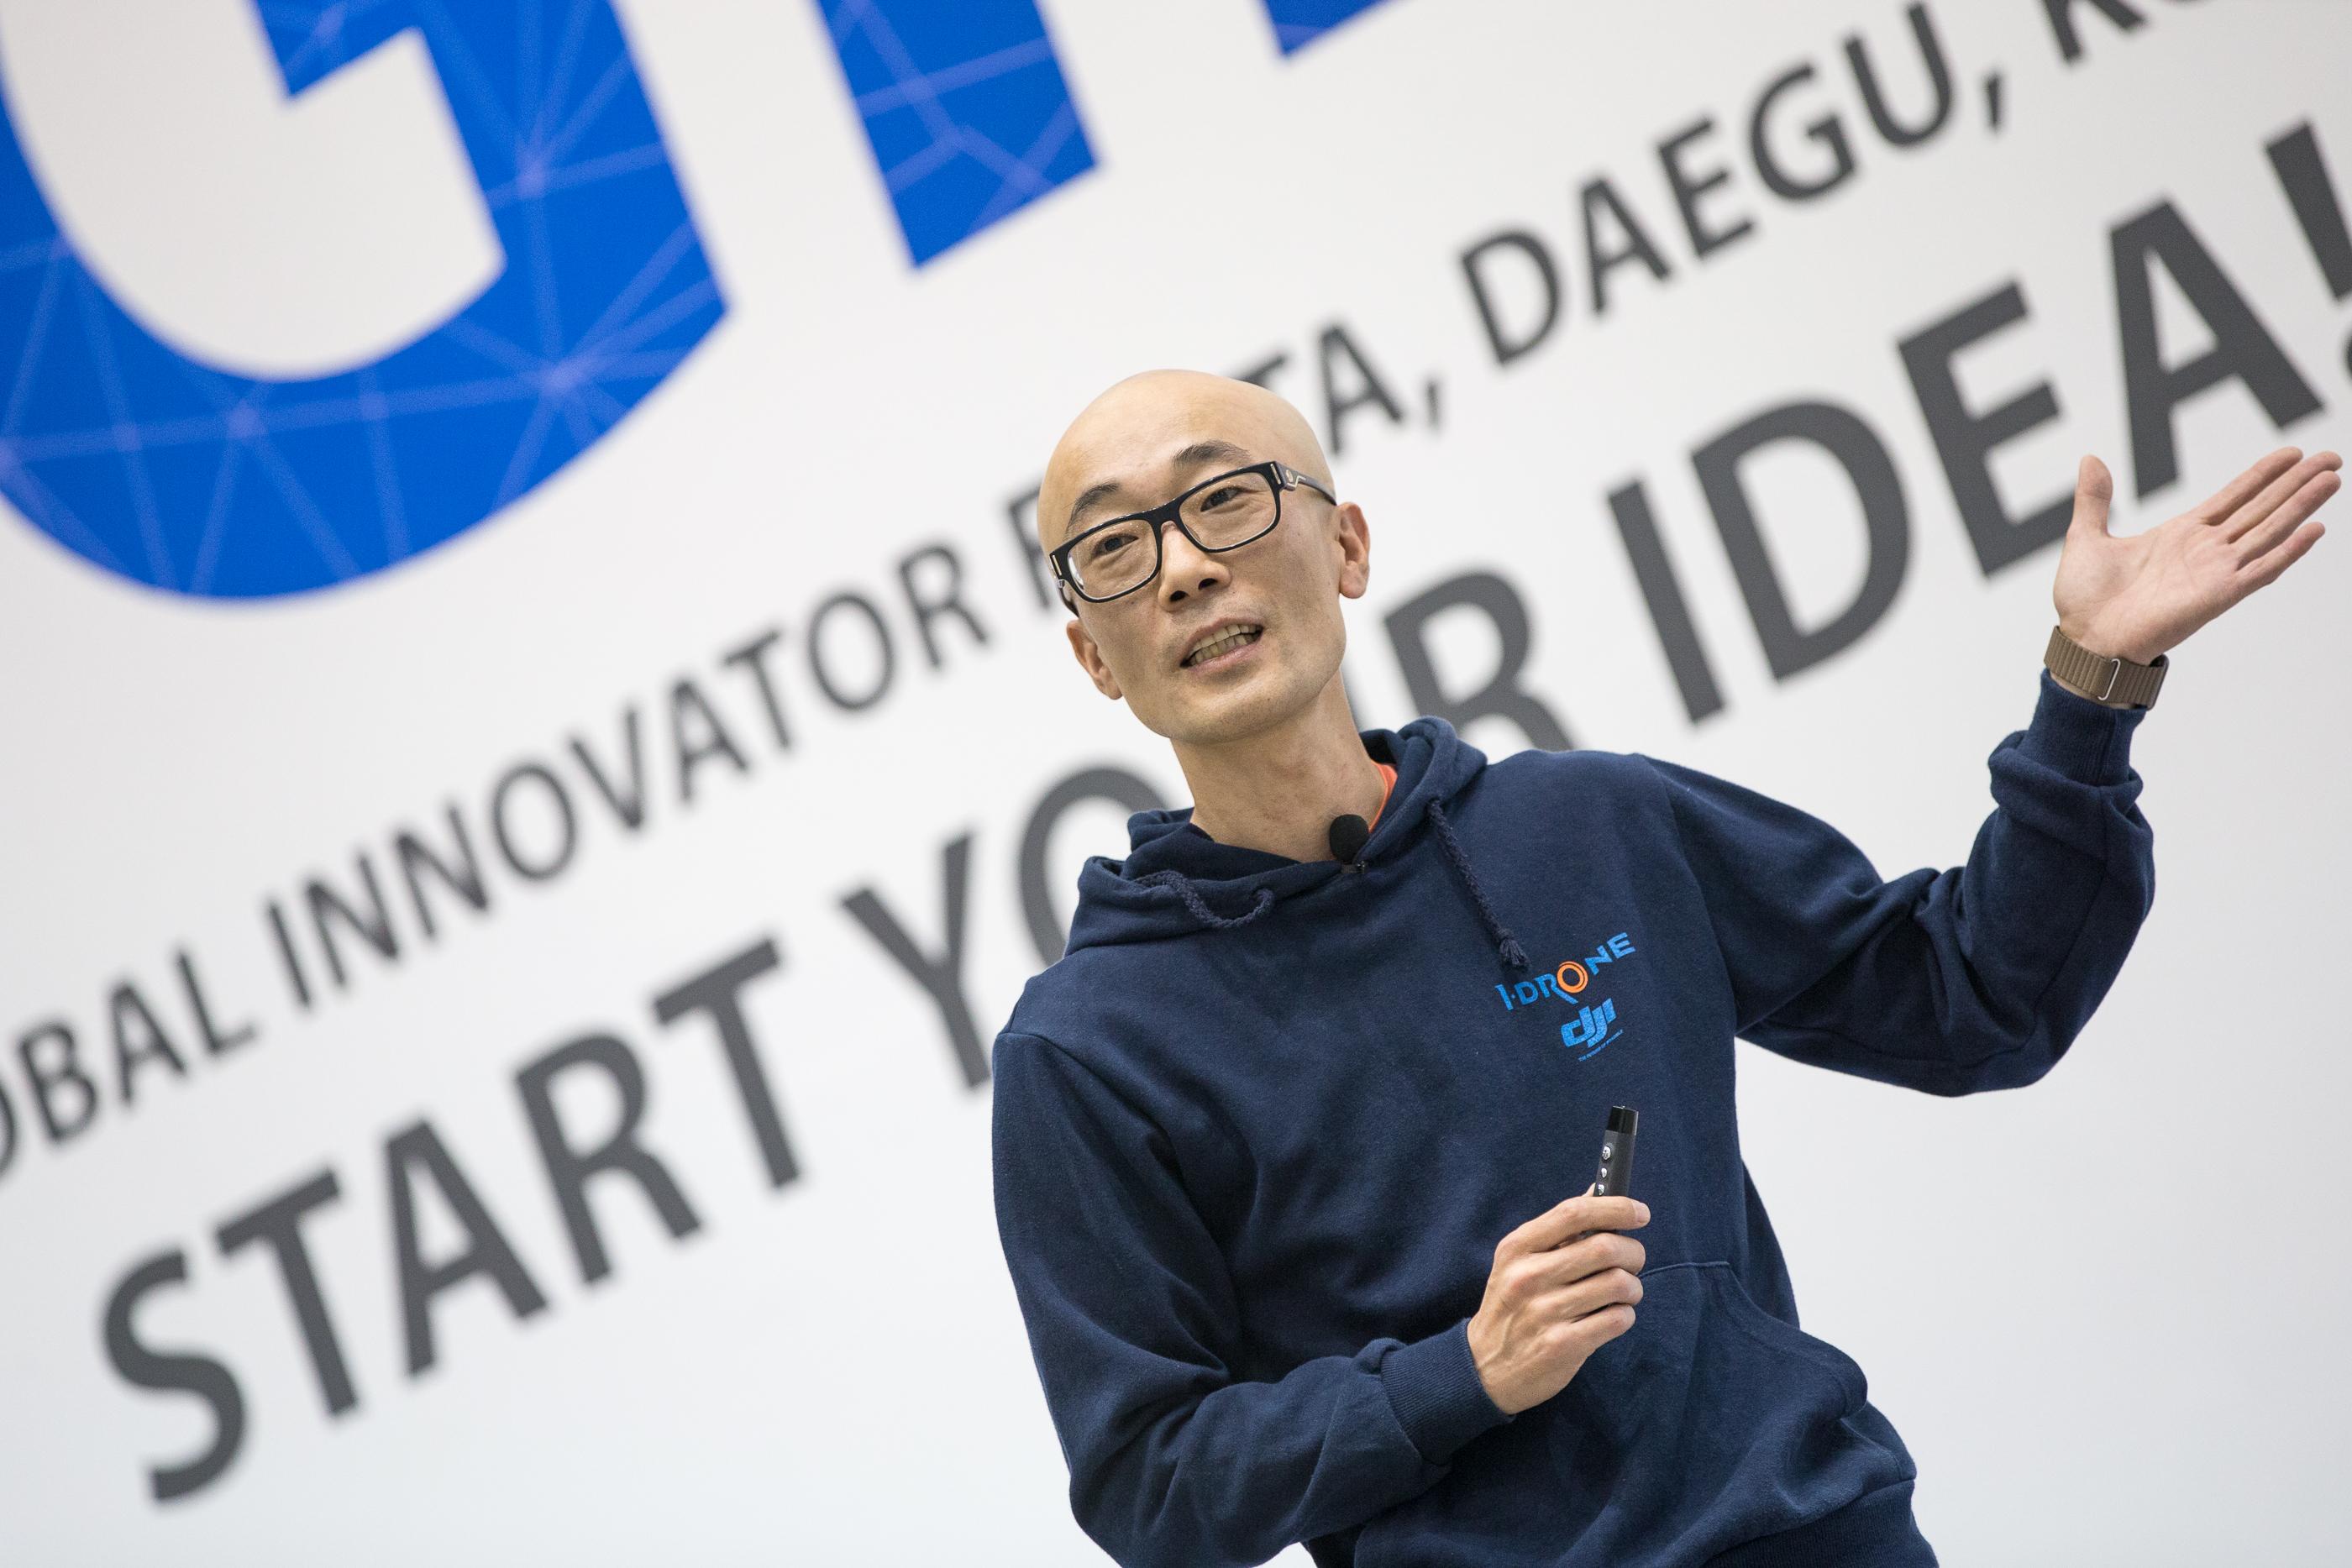 지구촌 청년들의 ICT 축제 GIF 2015 주제 강연, 아이드론 정동일 대표가 말하는 융합기술의 결정체 '드론'의 만남!